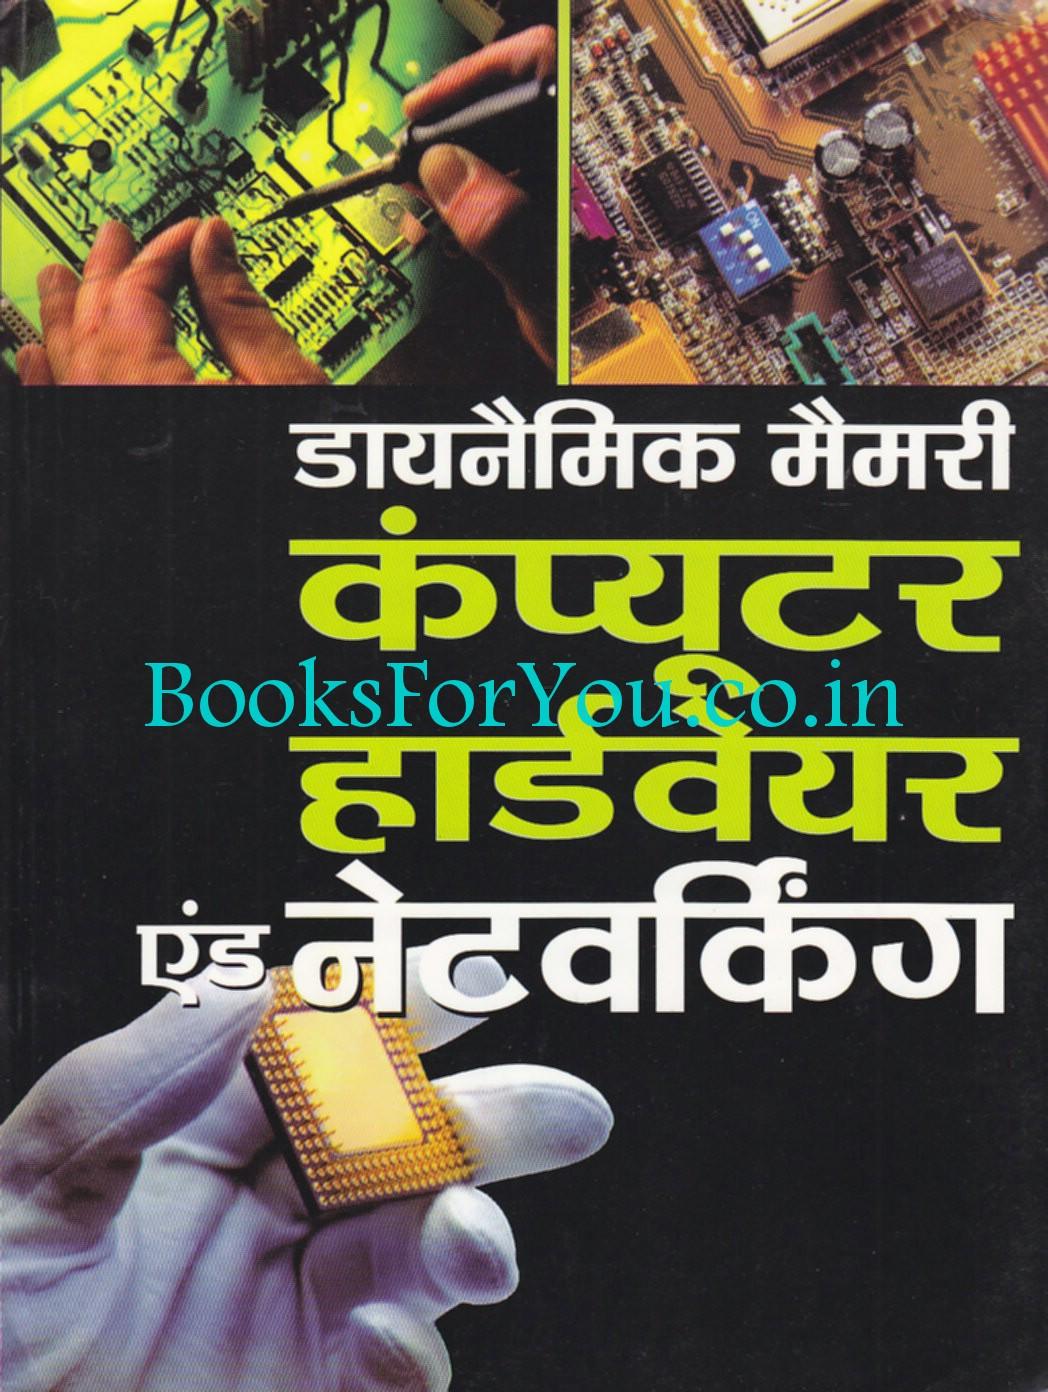 Free Hardware Books : PDF Download